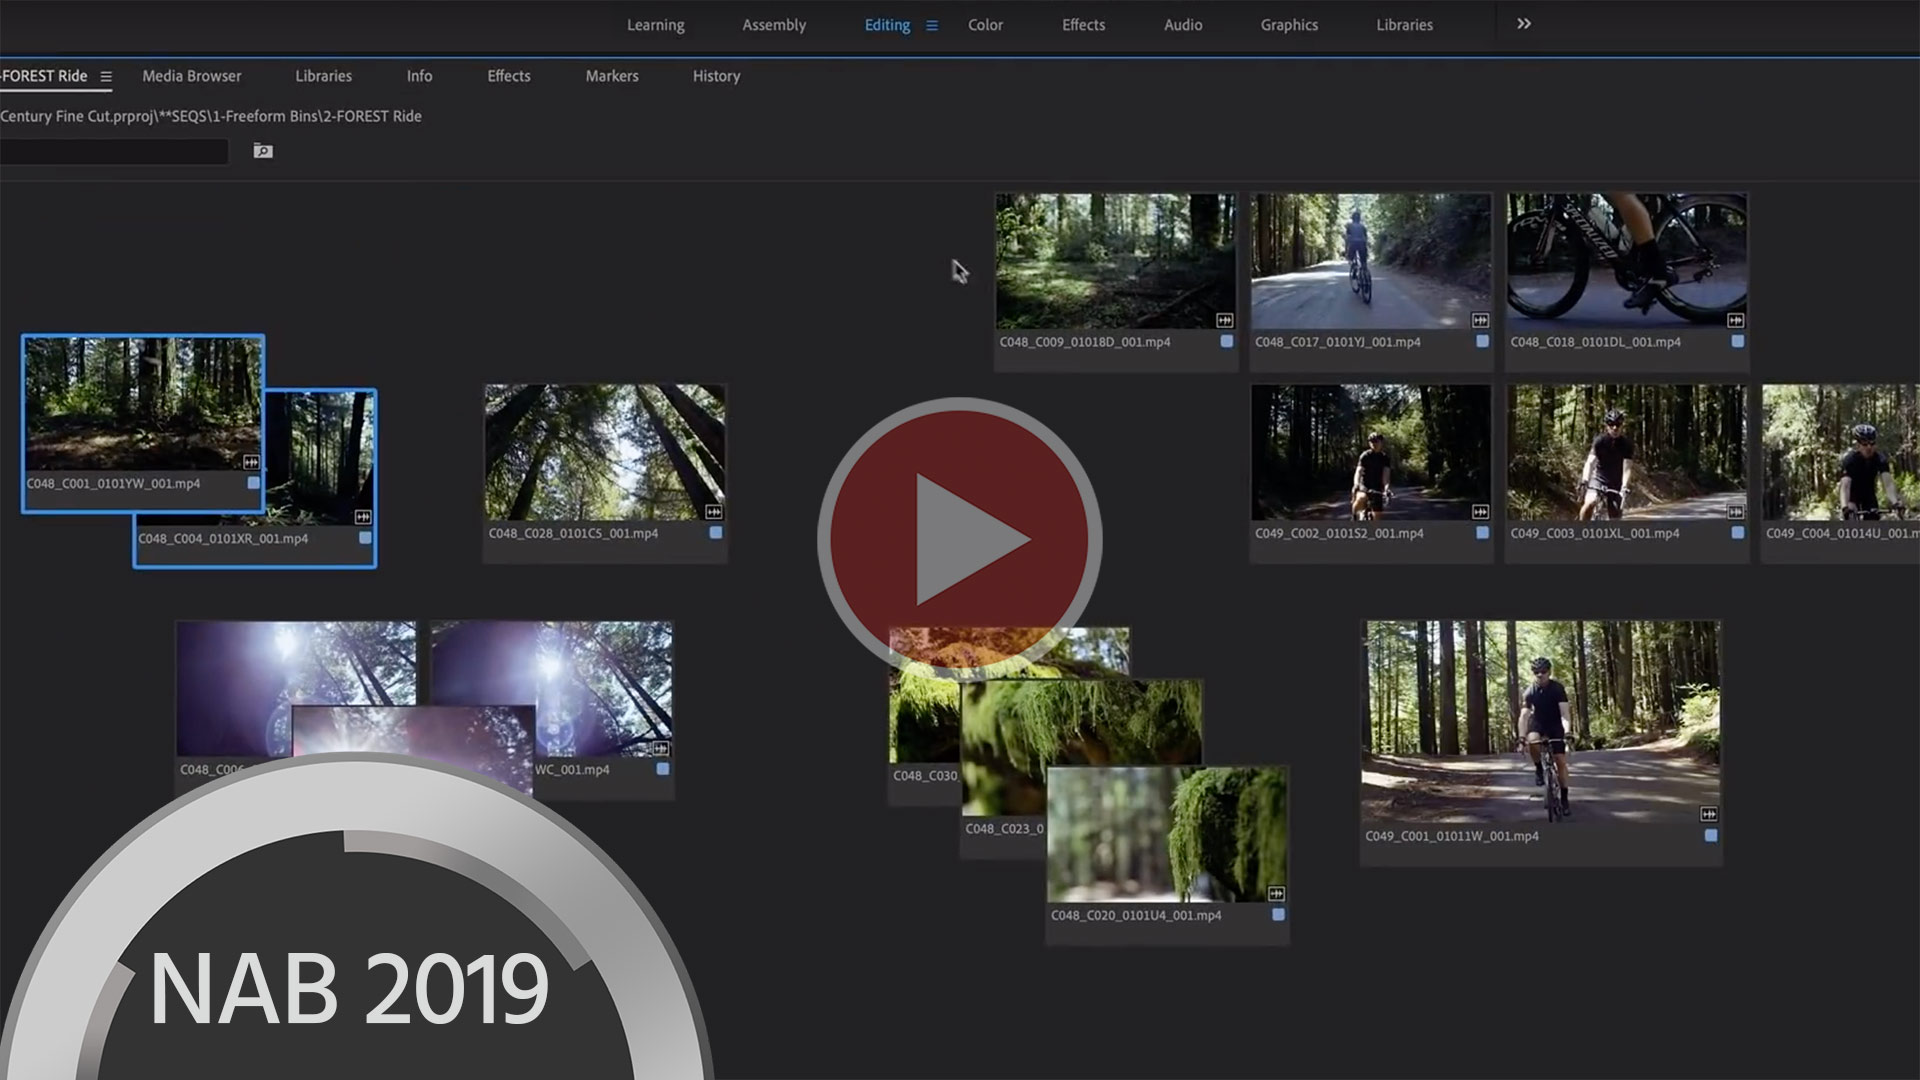 Entrevista sobre las actualizaciones de Adobe Premiere Pro CC – Estabilidad mejorada, proyecto Freeform y más